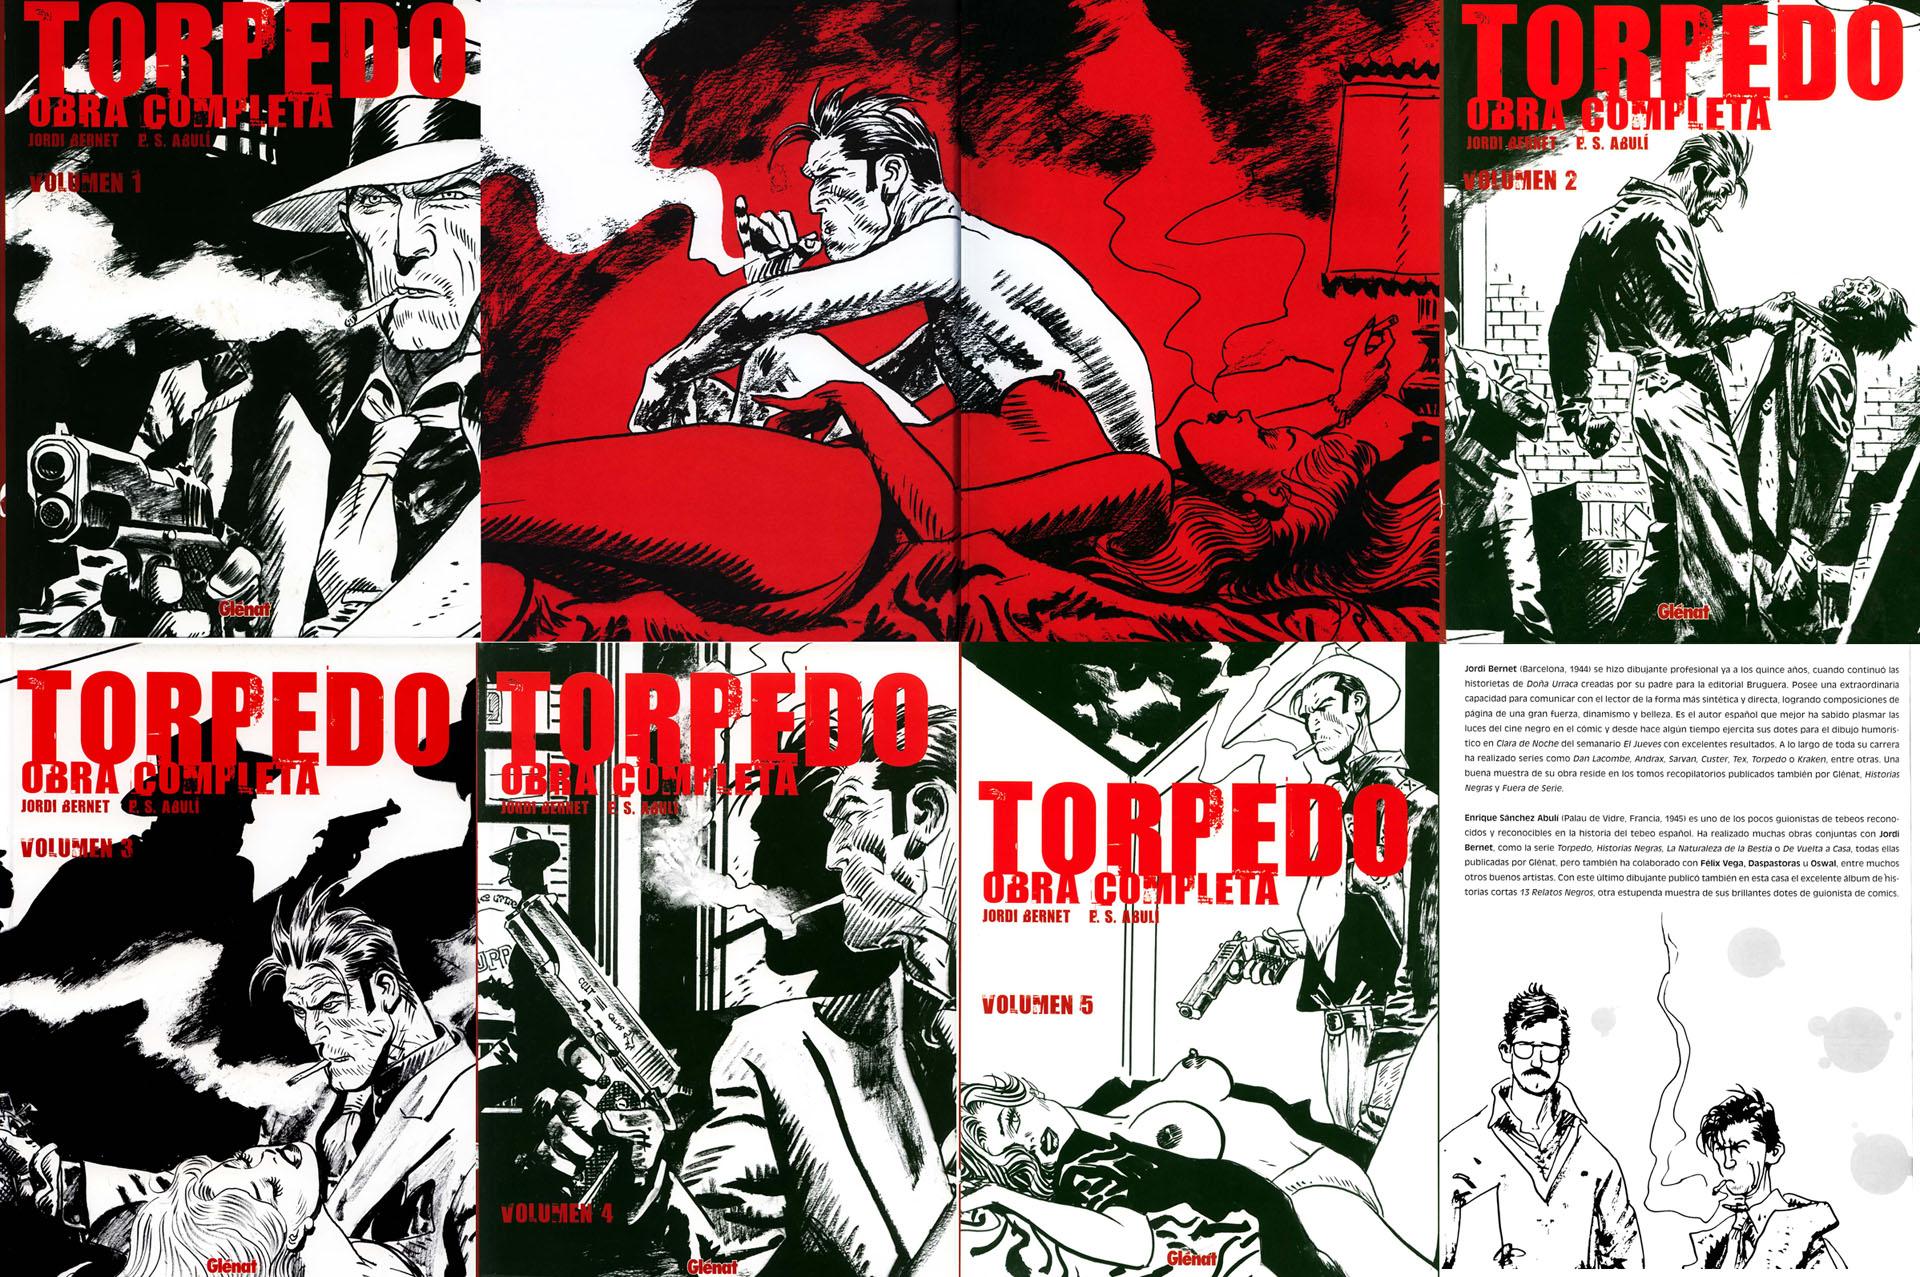 Torpedo Obra completa: Vol 1 - Vol 5